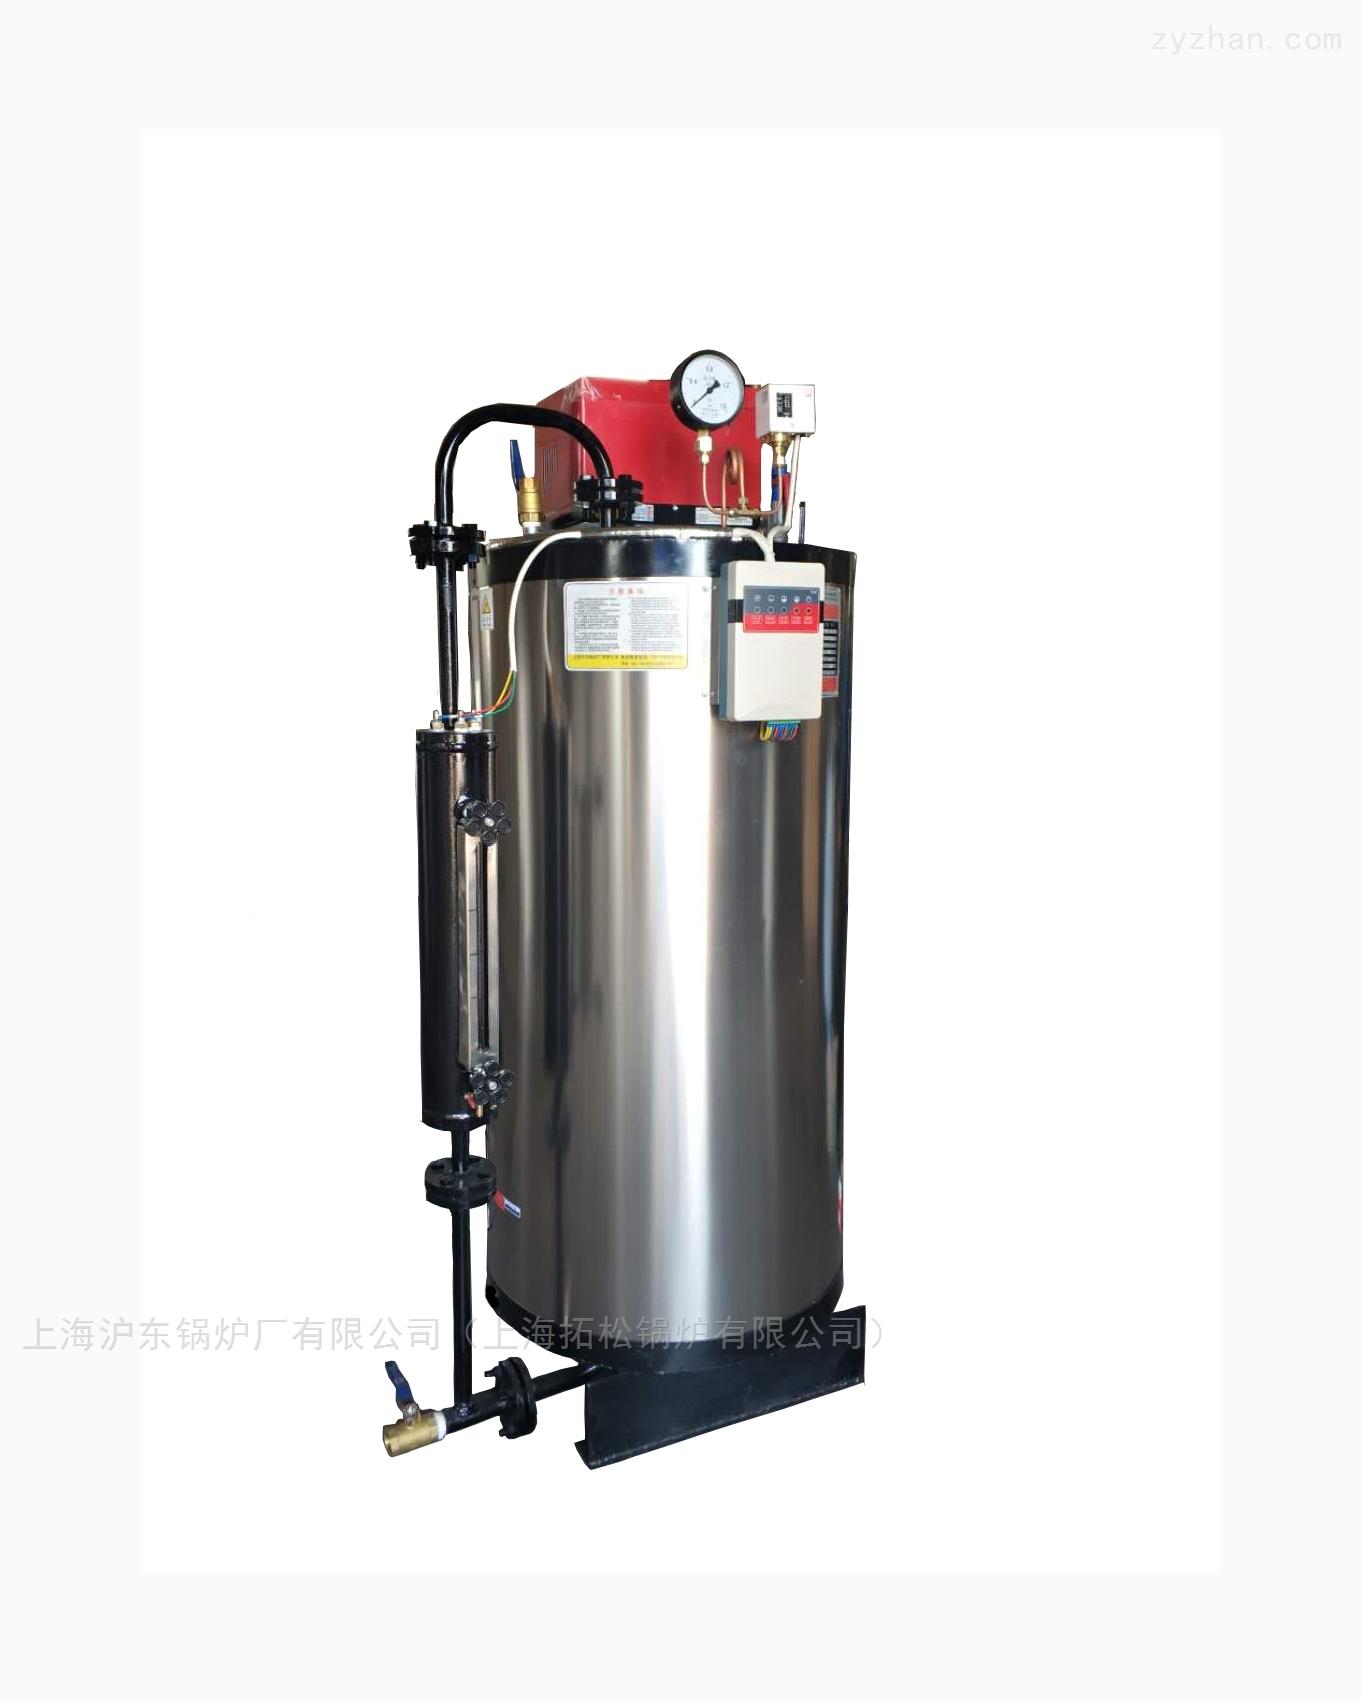 燃油燃气蒸汽锅炉技术特点